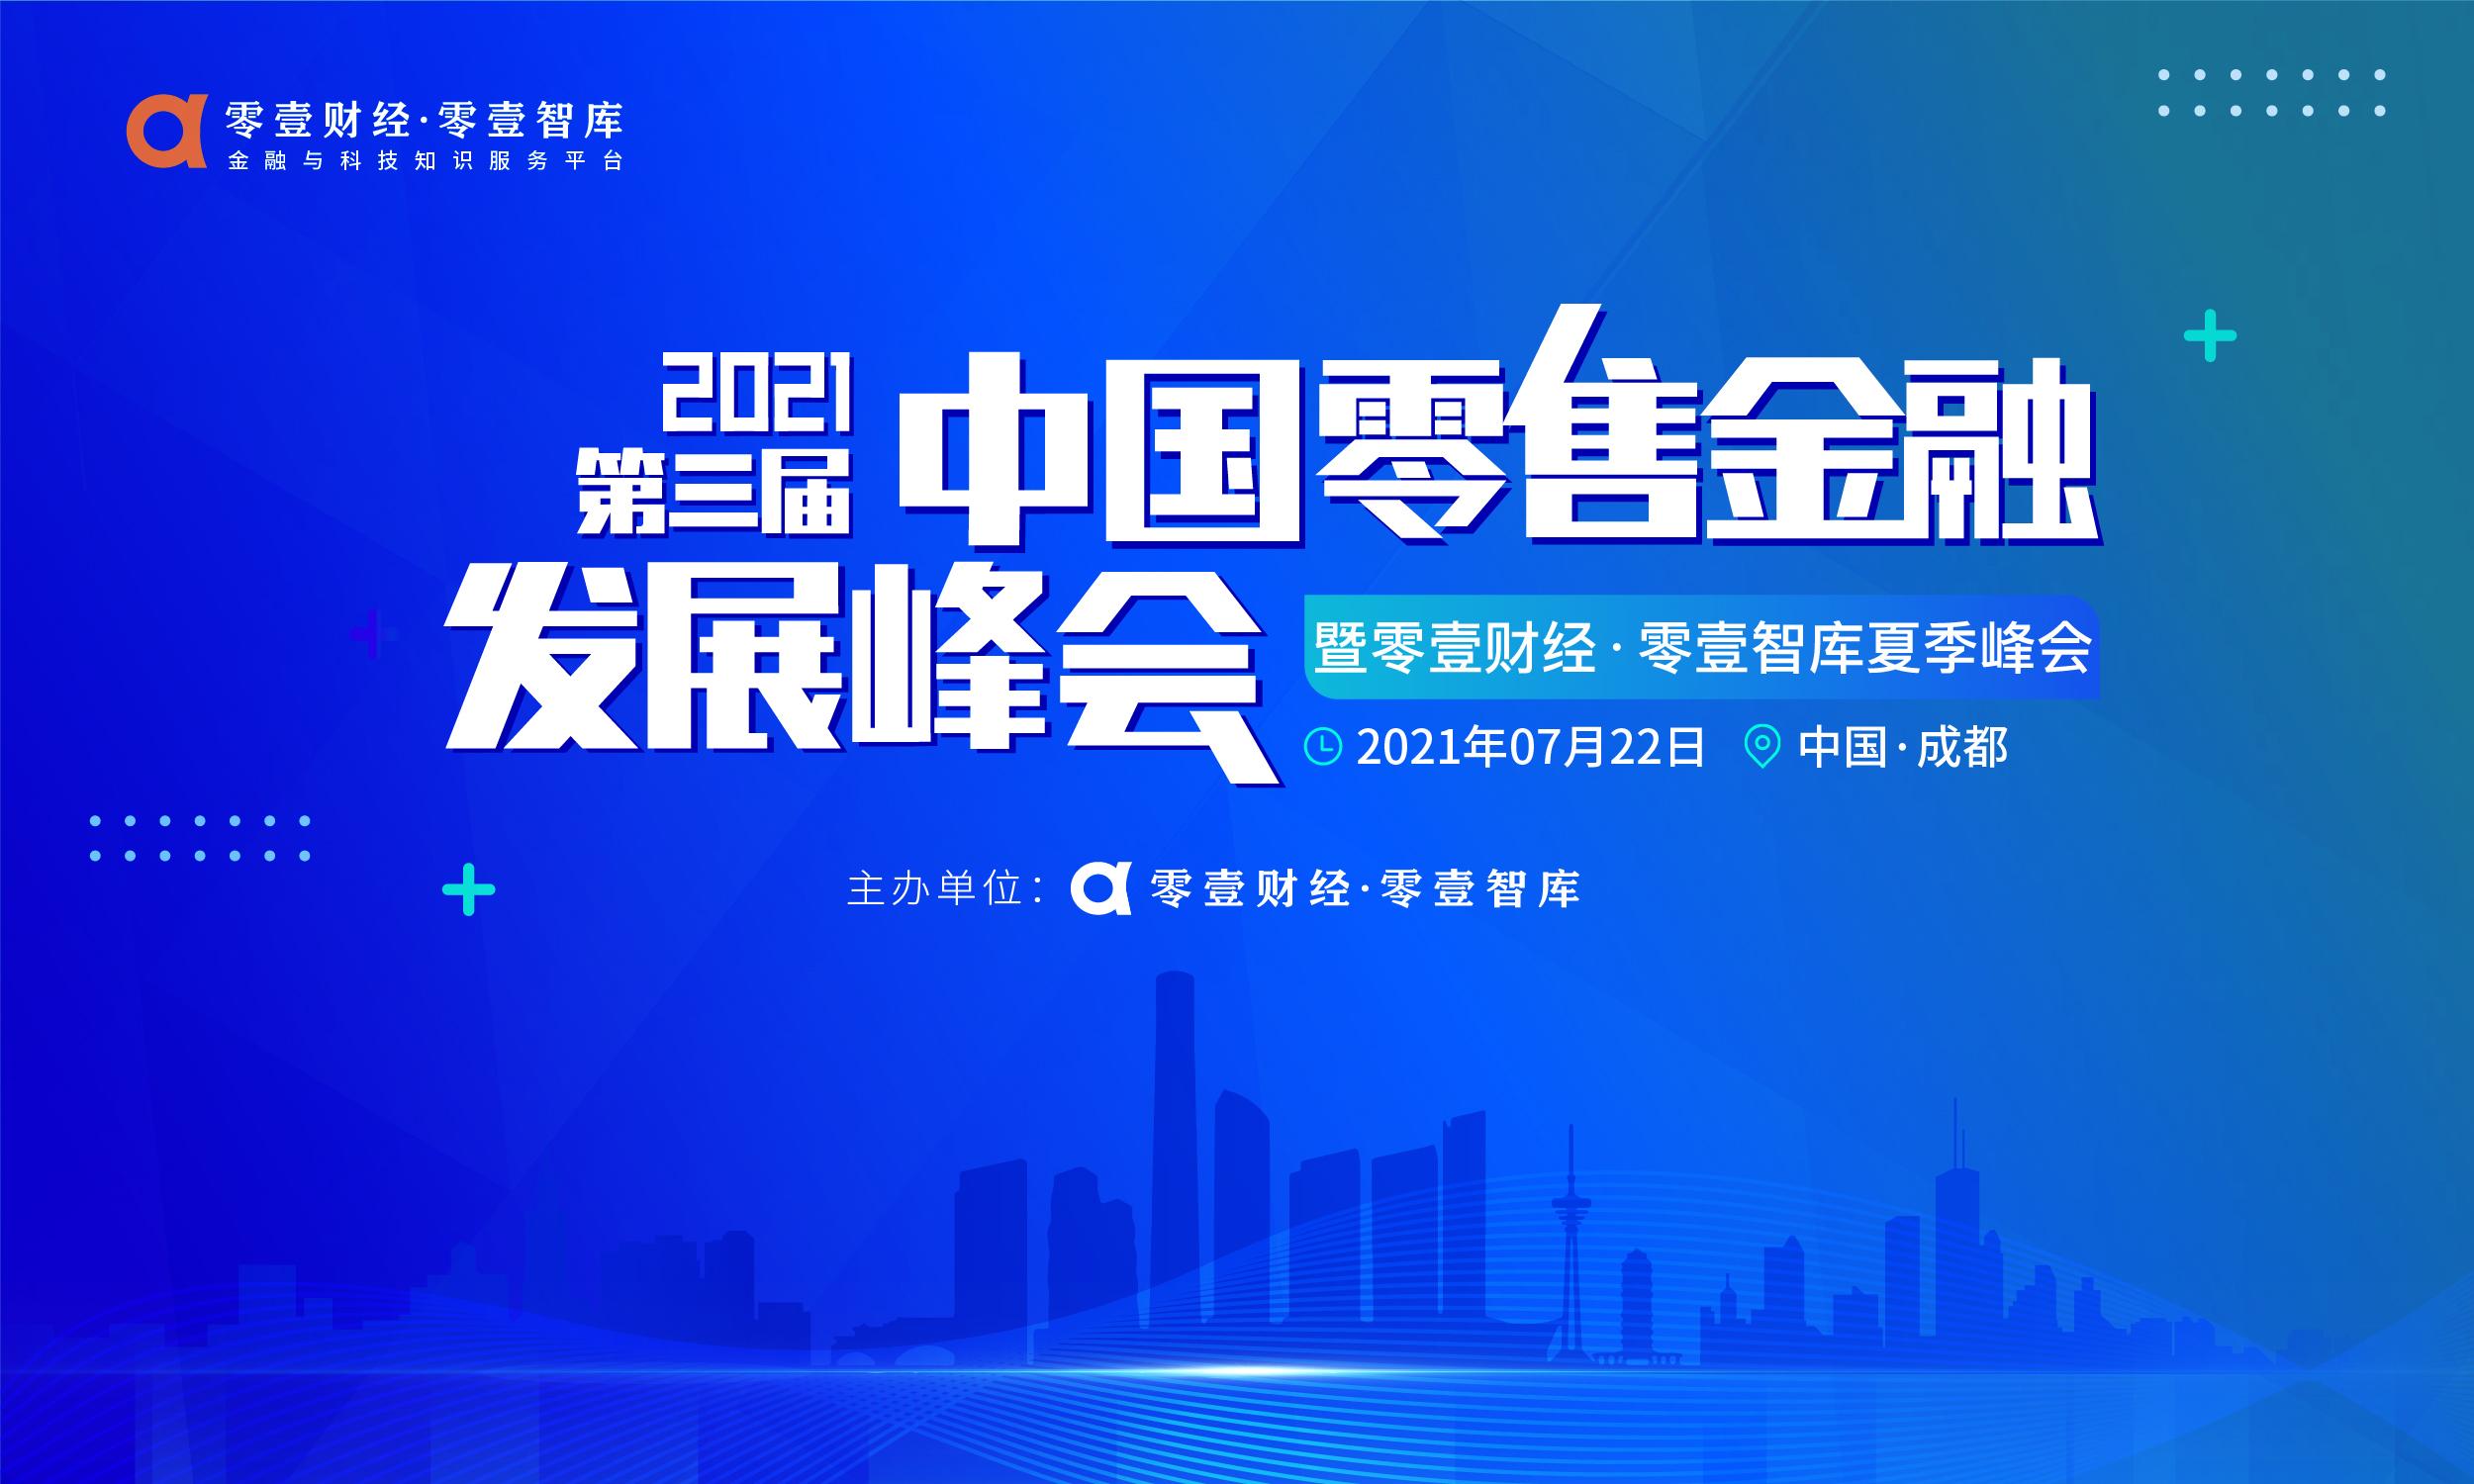 寻找发展新范式:第三届中国零售金融发展峰会来了